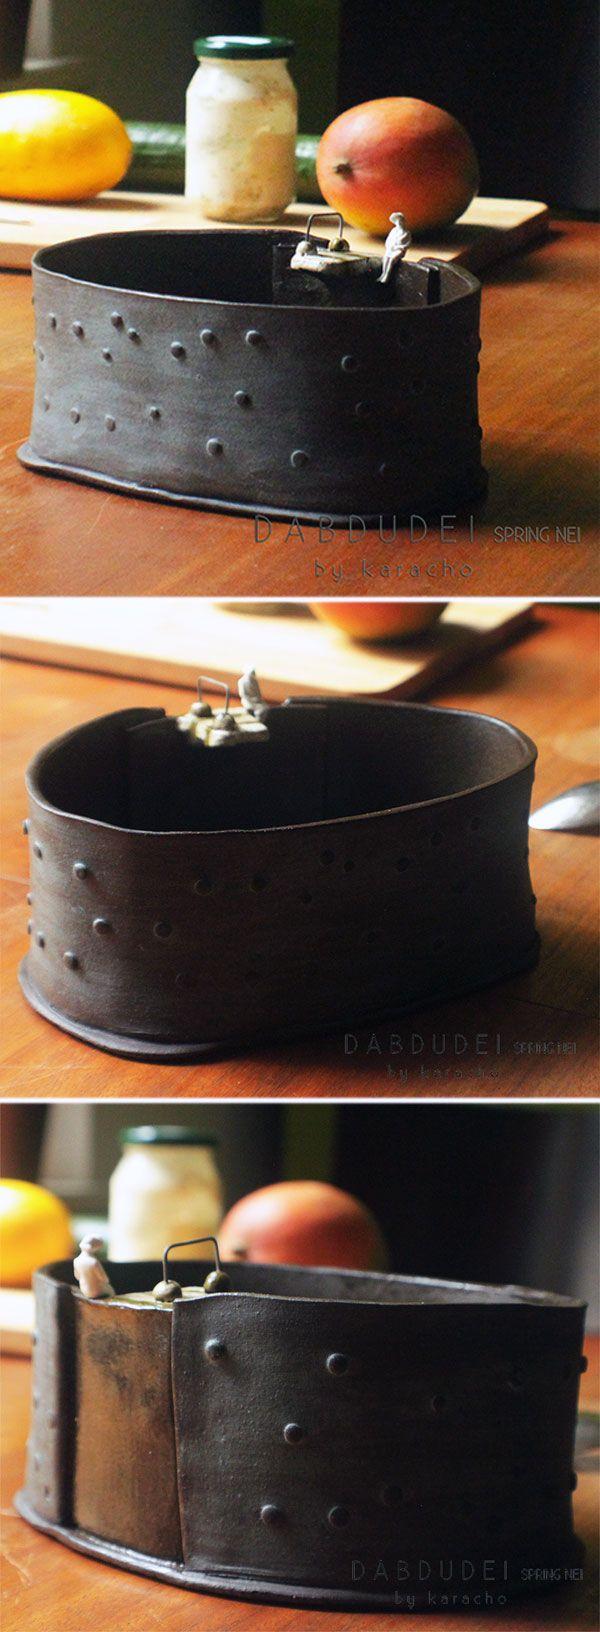 Handgemachte Schüssel aus Keramik mit Sprungbrett von karachoKERAMIK. Kommt auf Deinen Tisch als Suppenschüssel, Obstschale, oder Salatschüssel. #Obstschale, Salatschüssel #Keramikschale #Schüssel #Schale #ceramicbowl #ceramic #pottery #Keramik #tableware #karachokeramik #dinerware #bowl